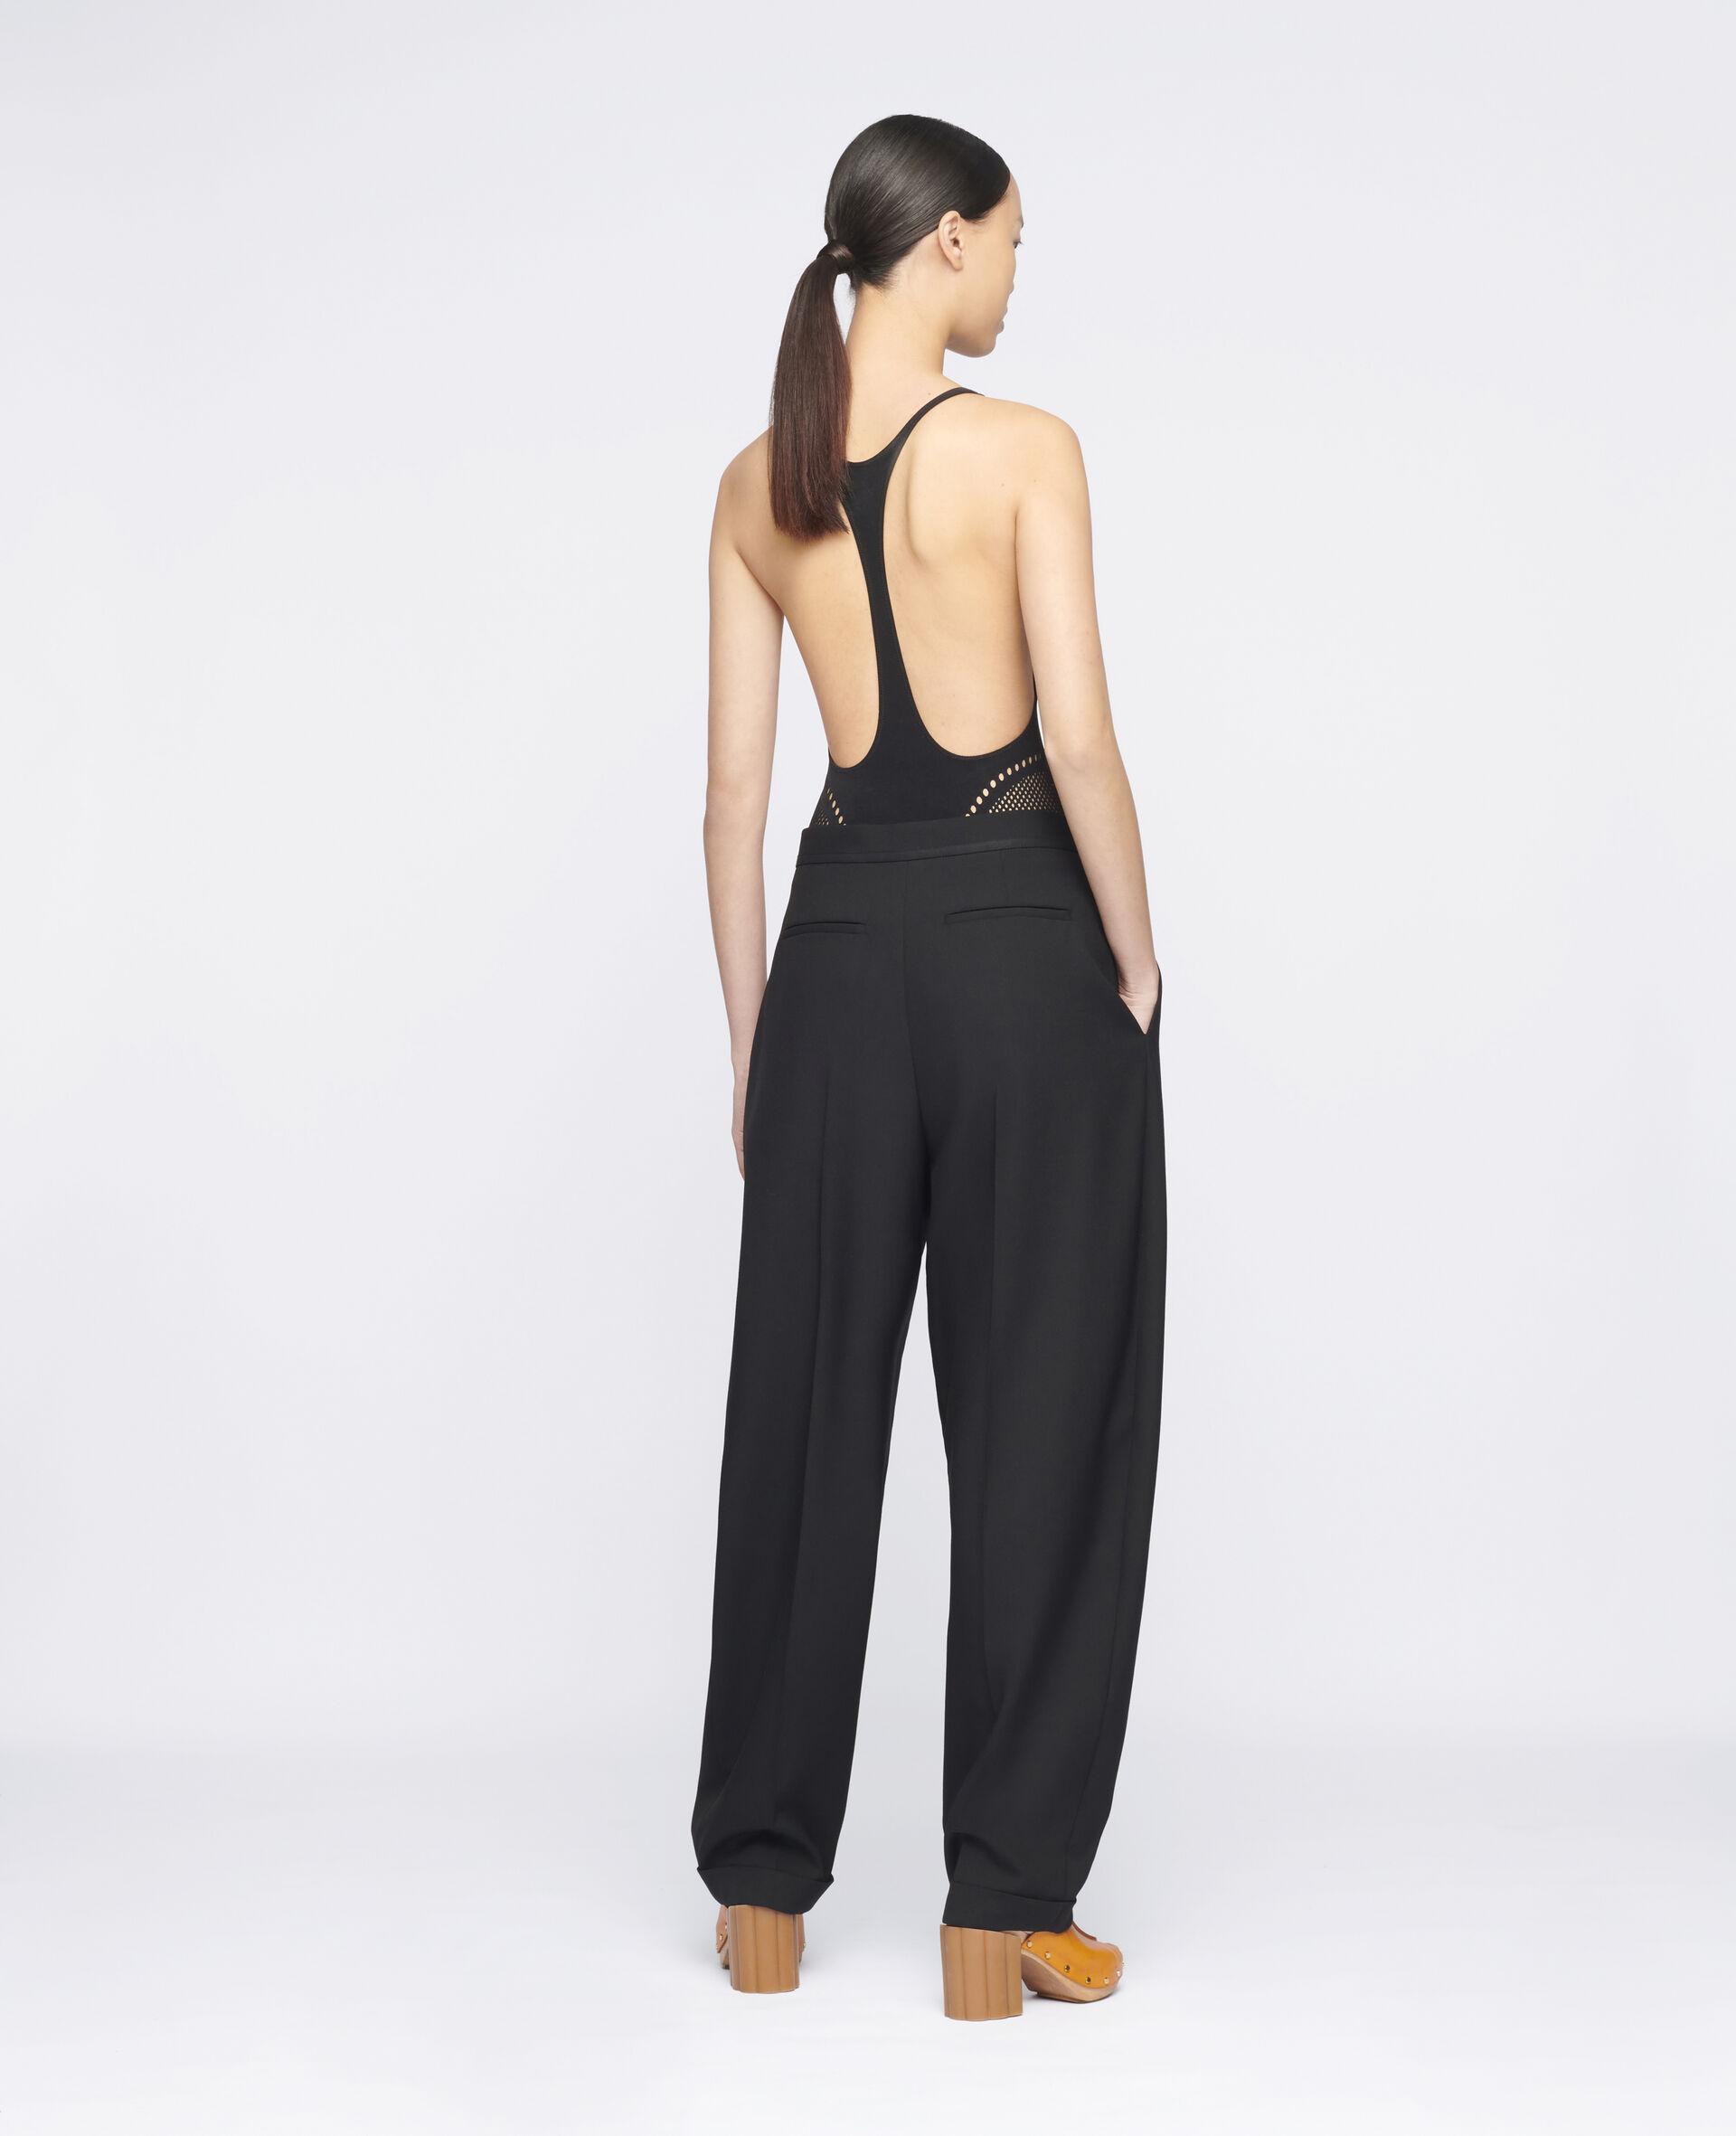 Deborah 羊毛裤装-黑色-large image number 2